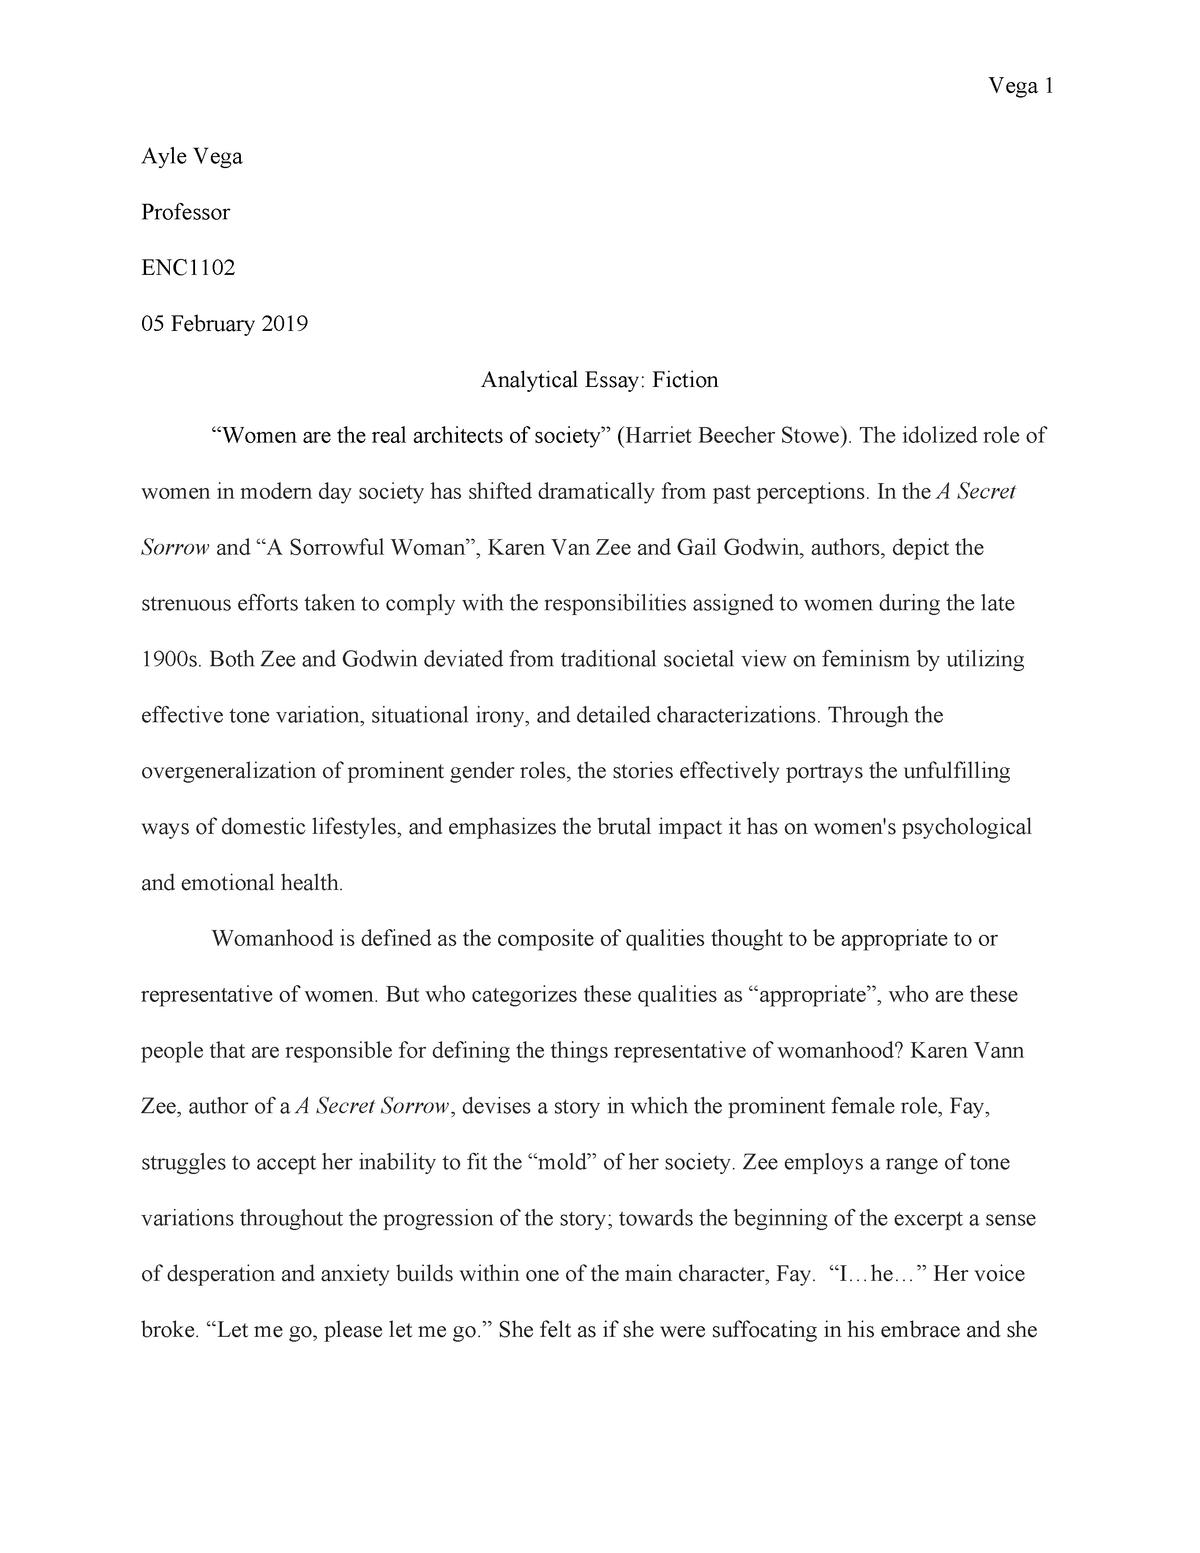 Scholarship application essay format